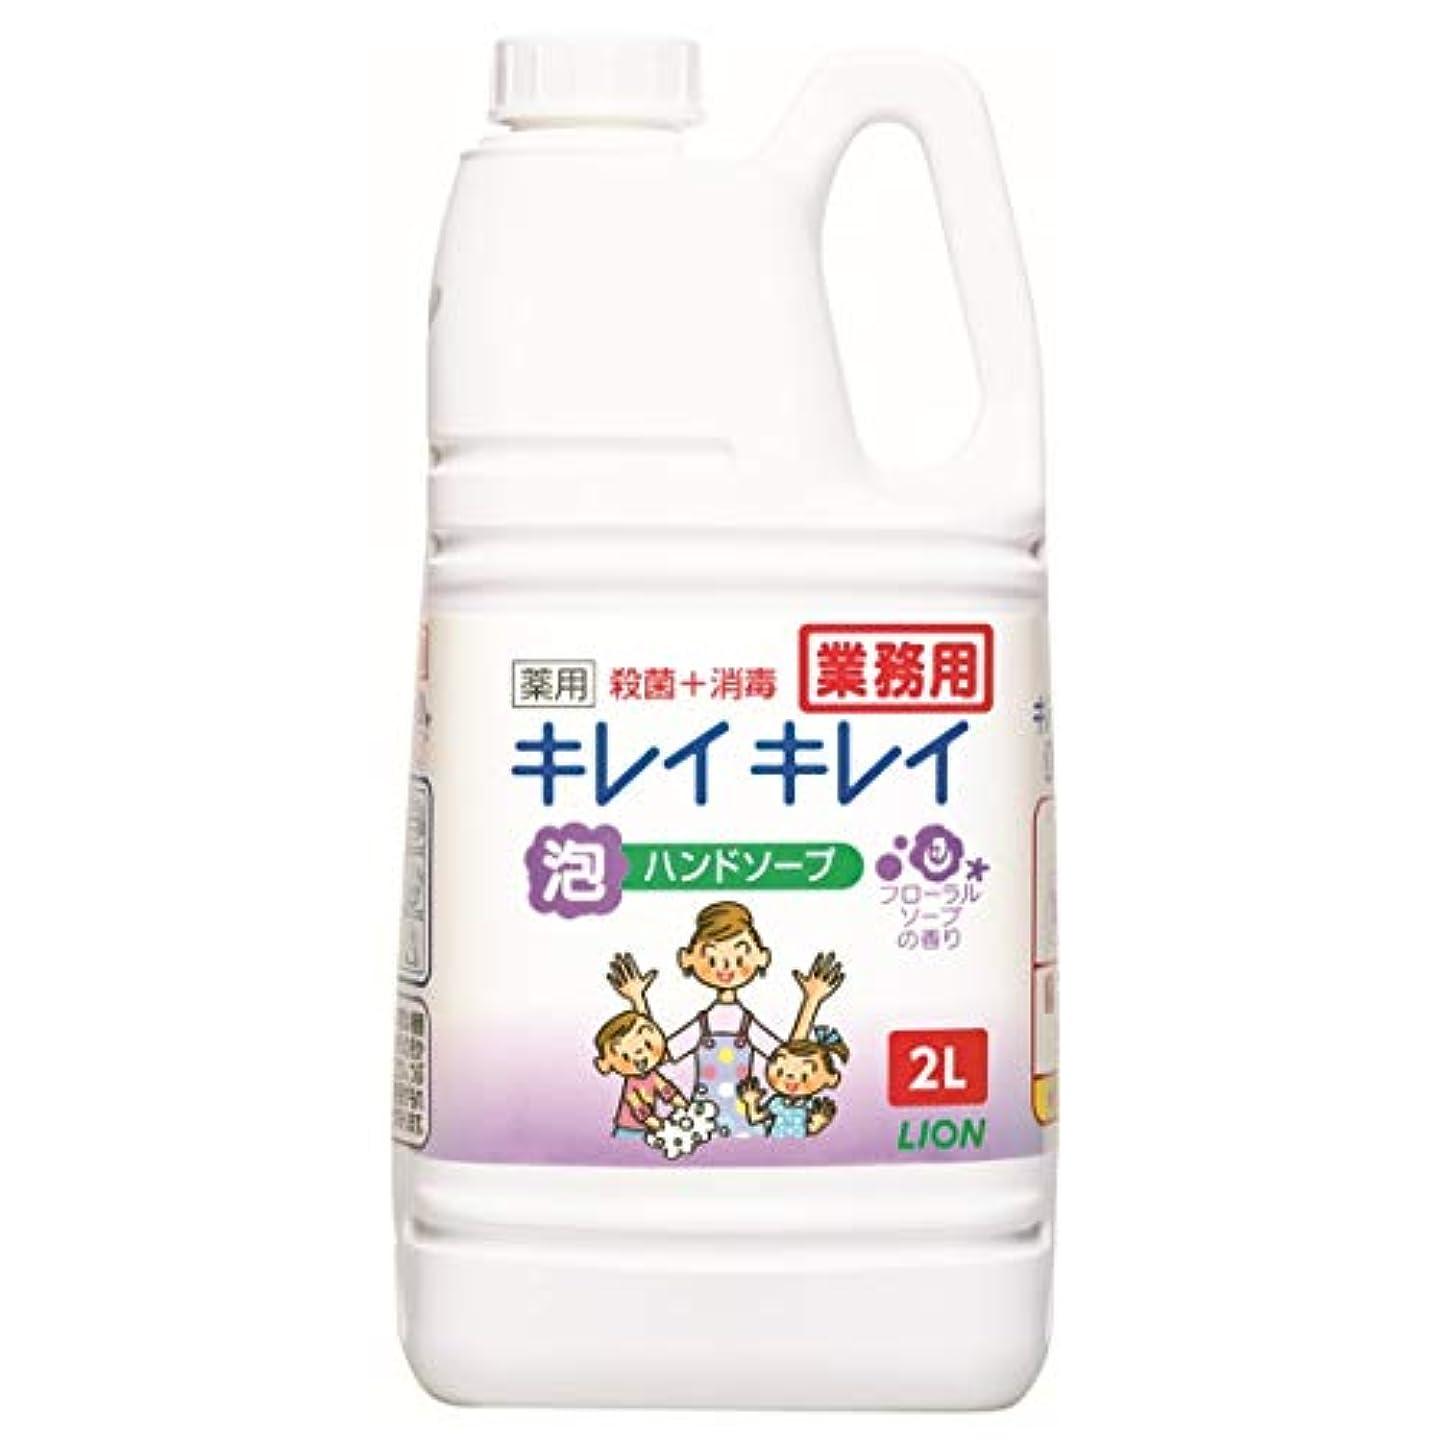 模索ウェイトレスコジオスコ【大容量】キレイキレイ 薬用泡ハンドソープ フローラルソープの香り 2L